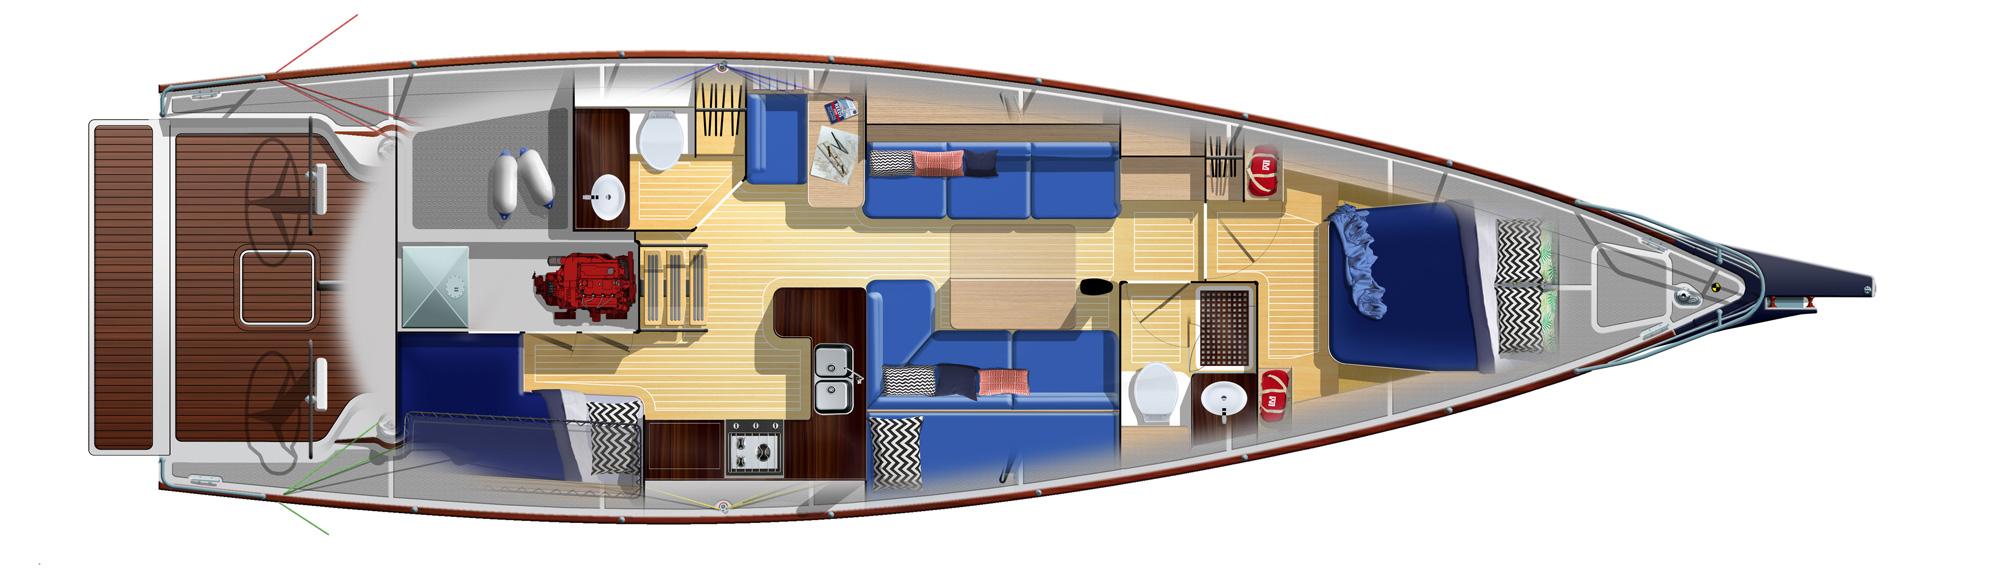 LM46 Aft Cabin Plus Second Head Arrangement